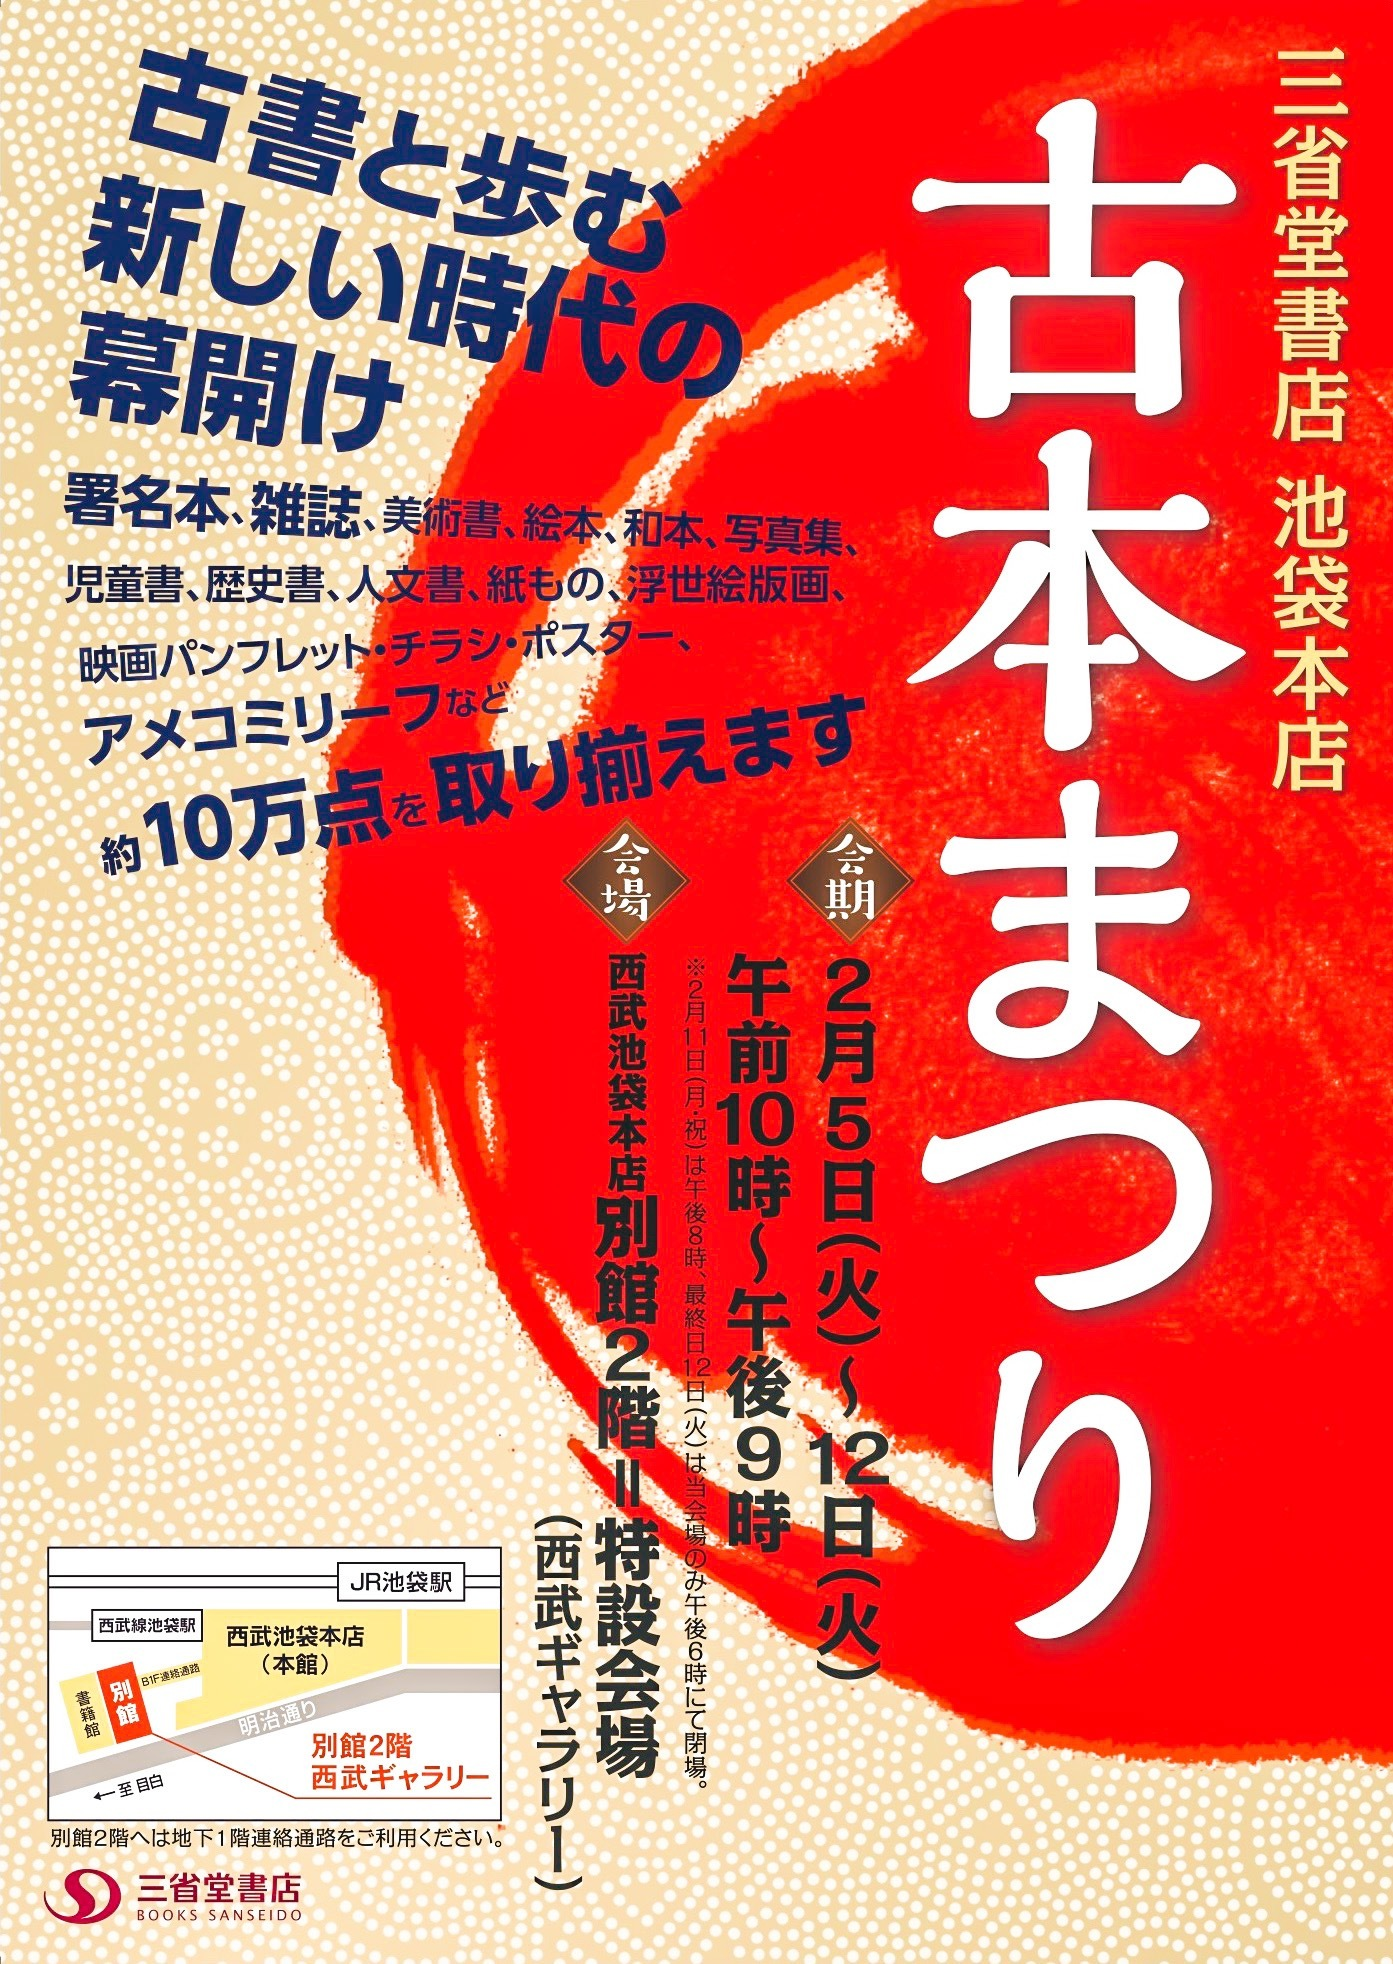 三省堂1902ポスター